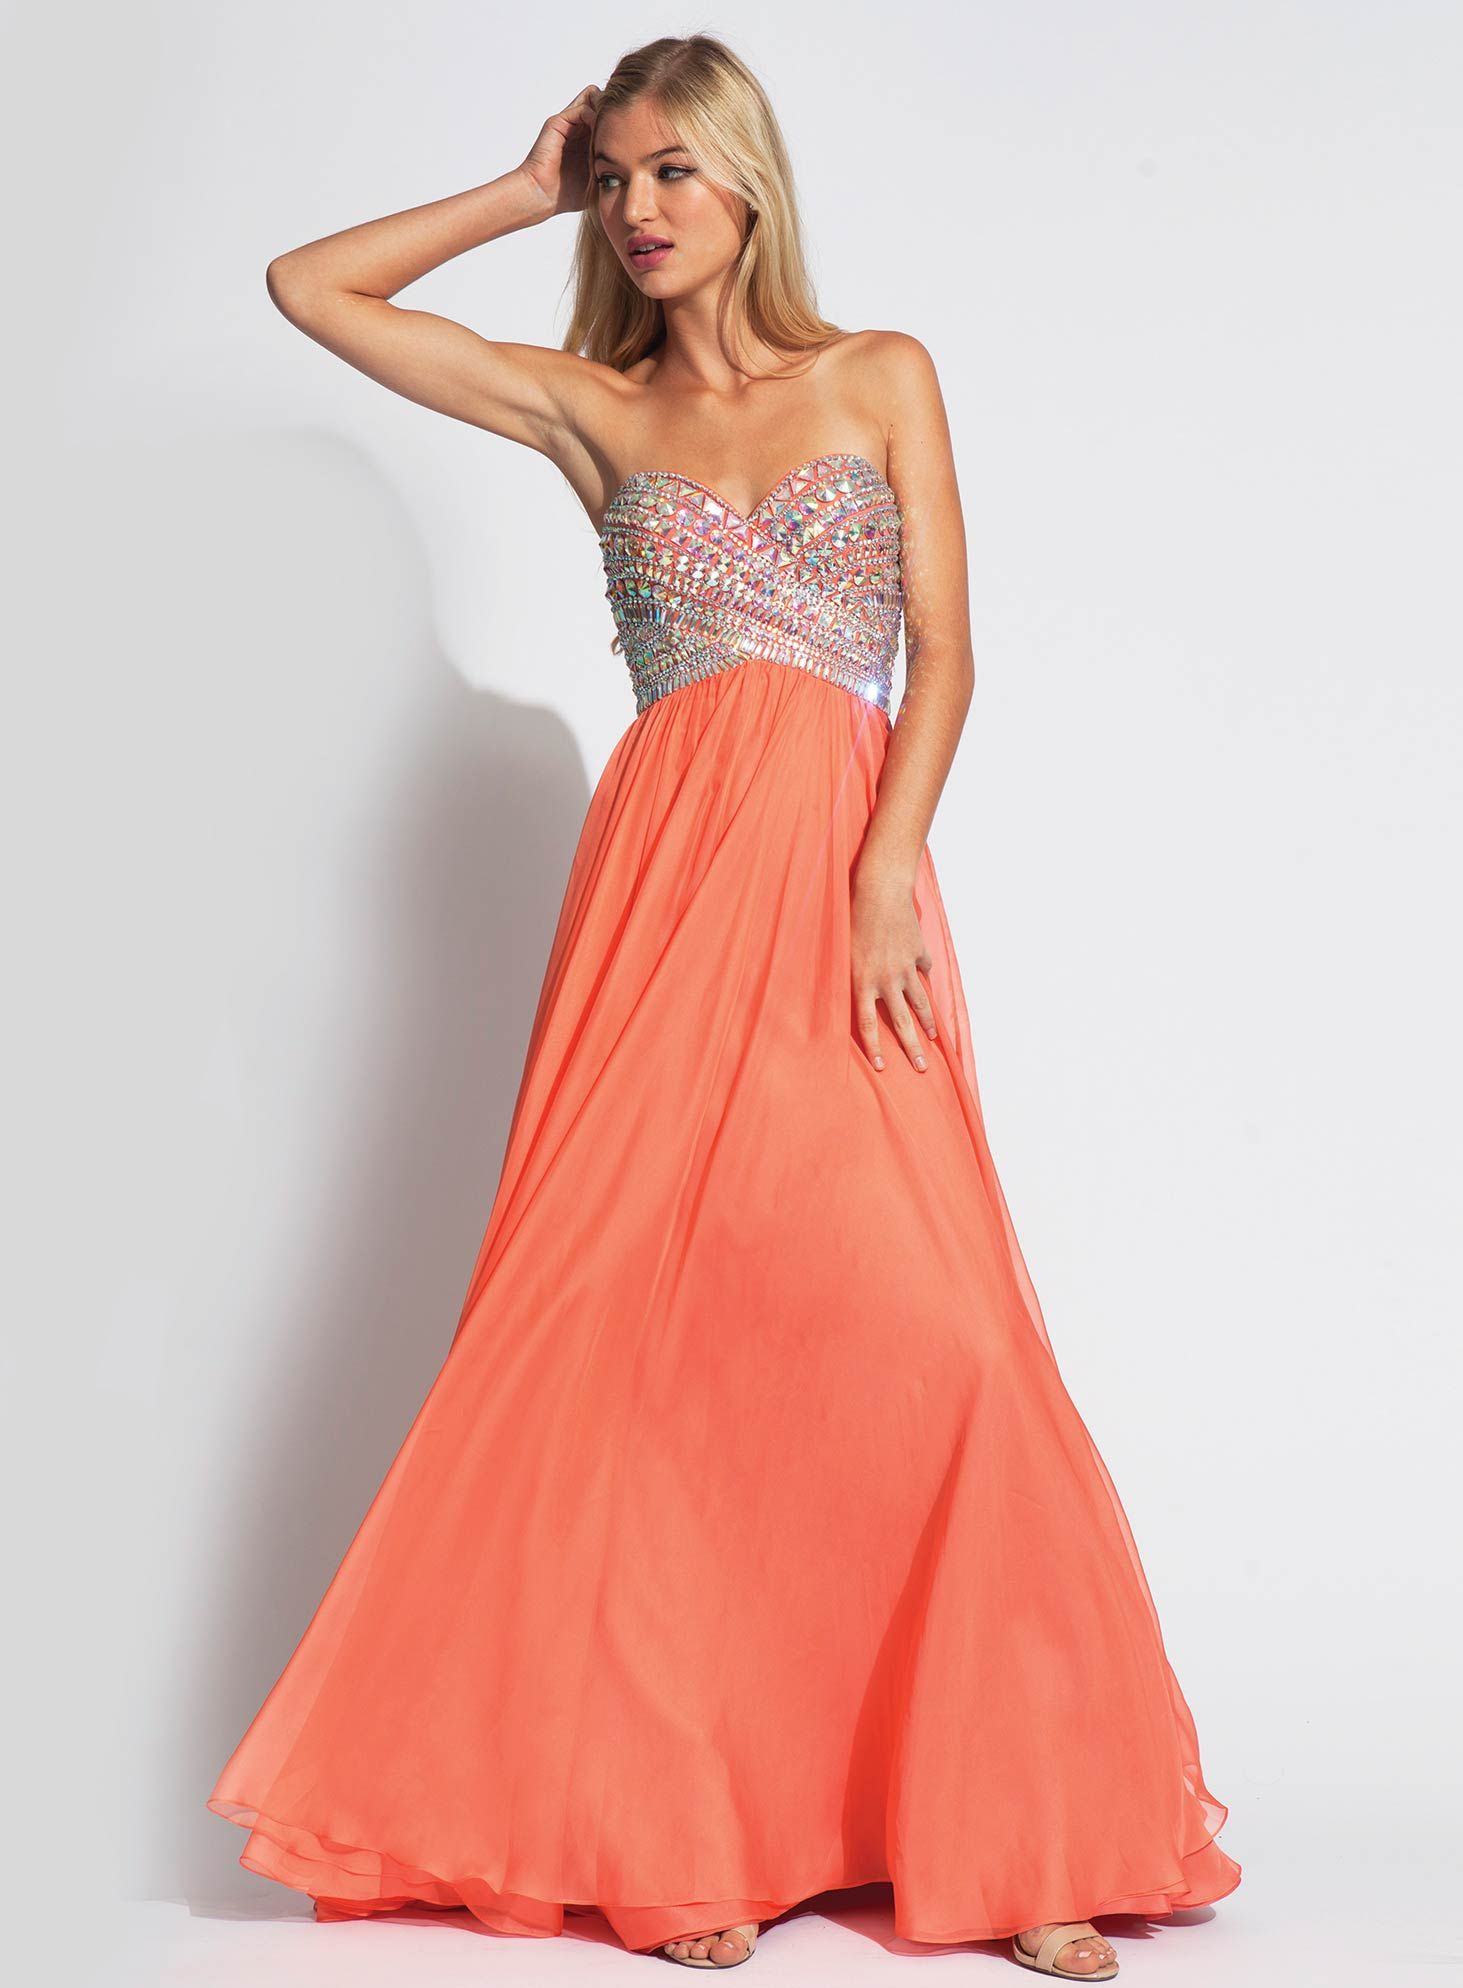 Beautiful strapless Jovani coral prom dress   PROM!   Pinterest